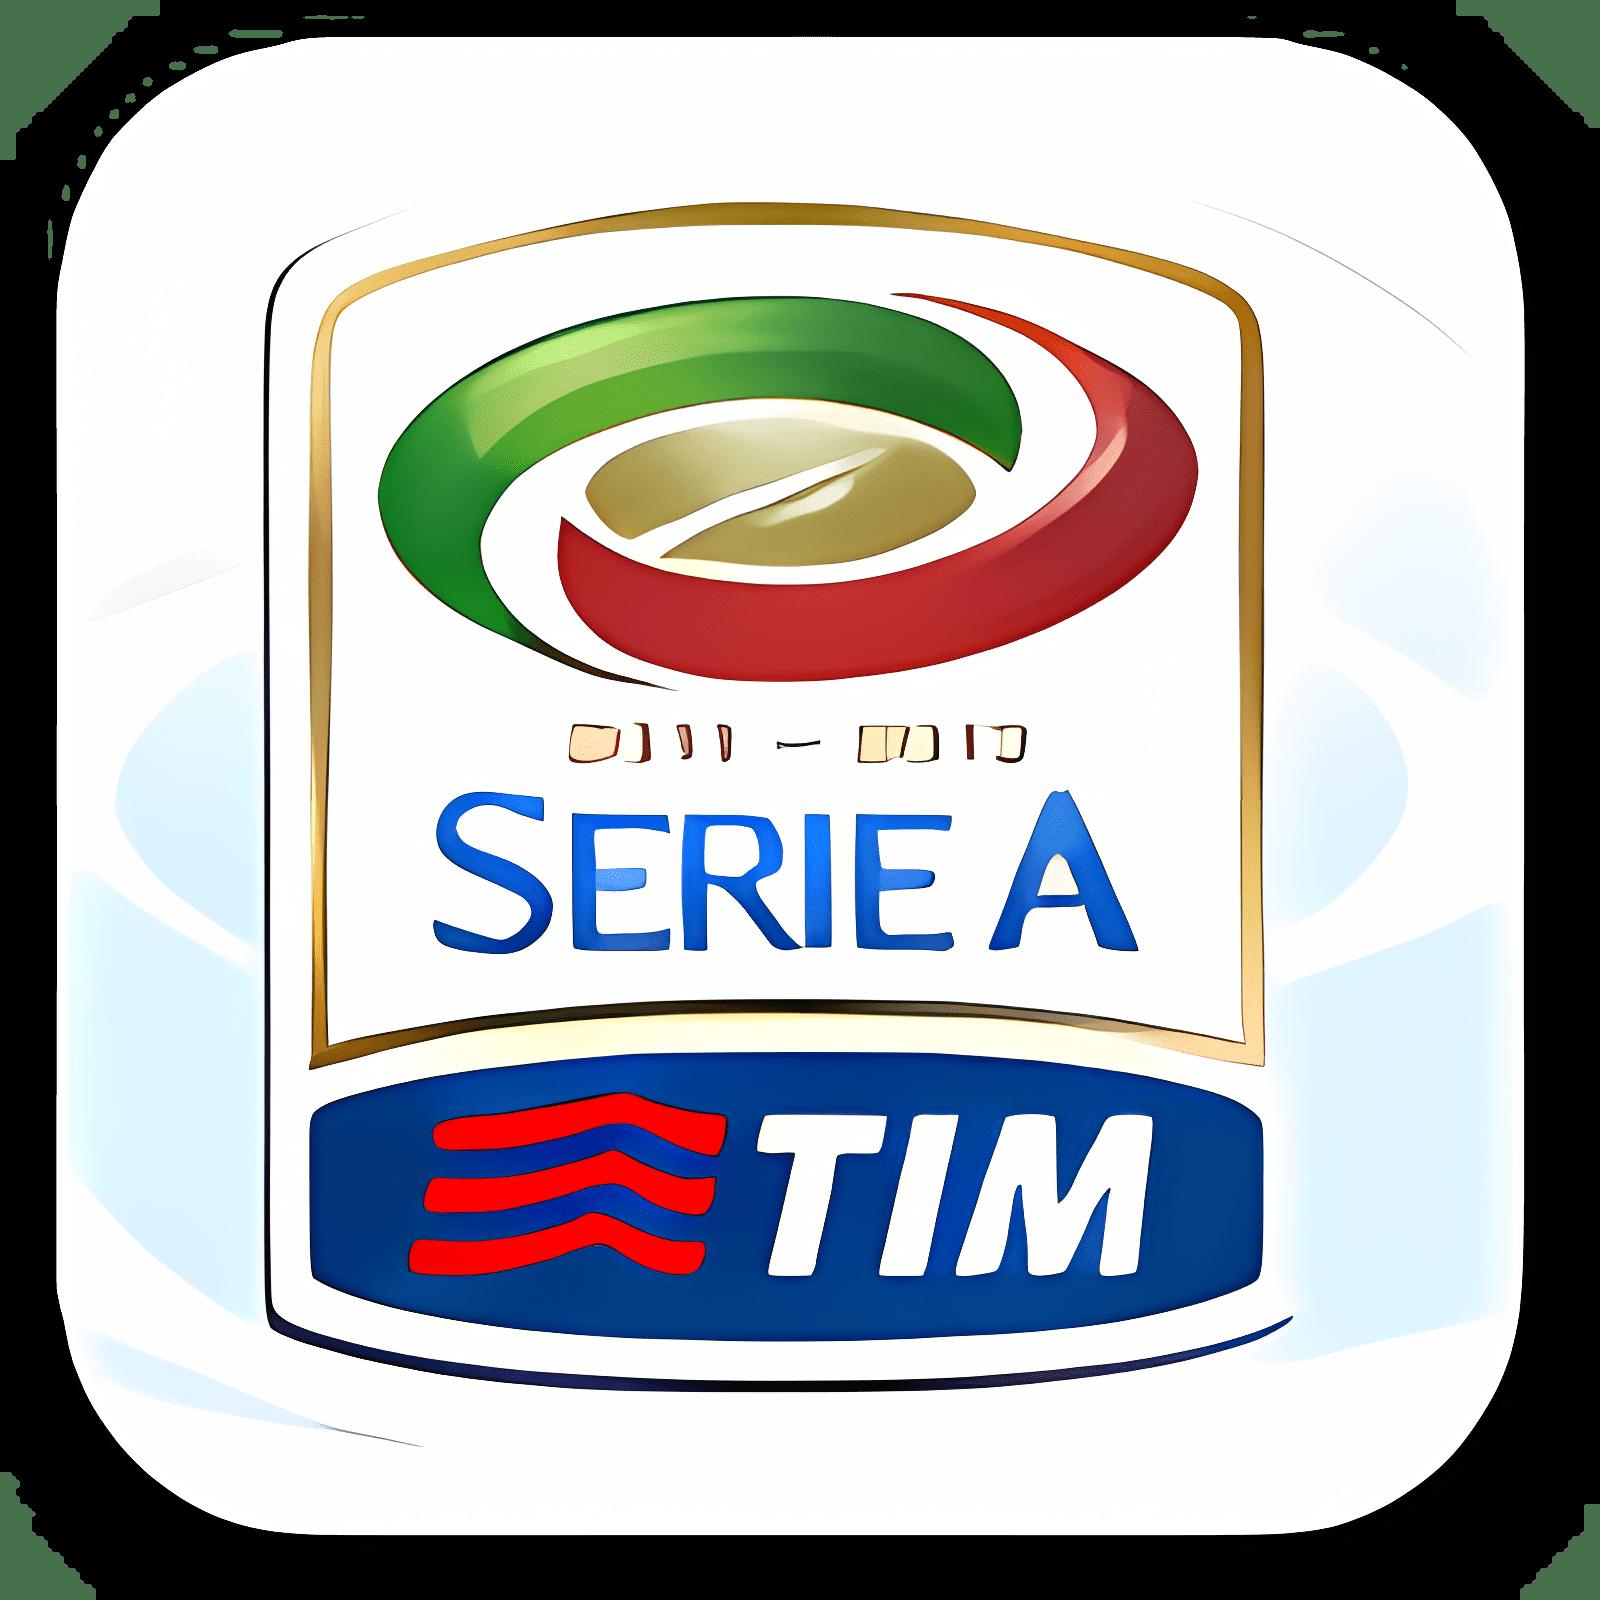 Calendario Serie A 2012/2013